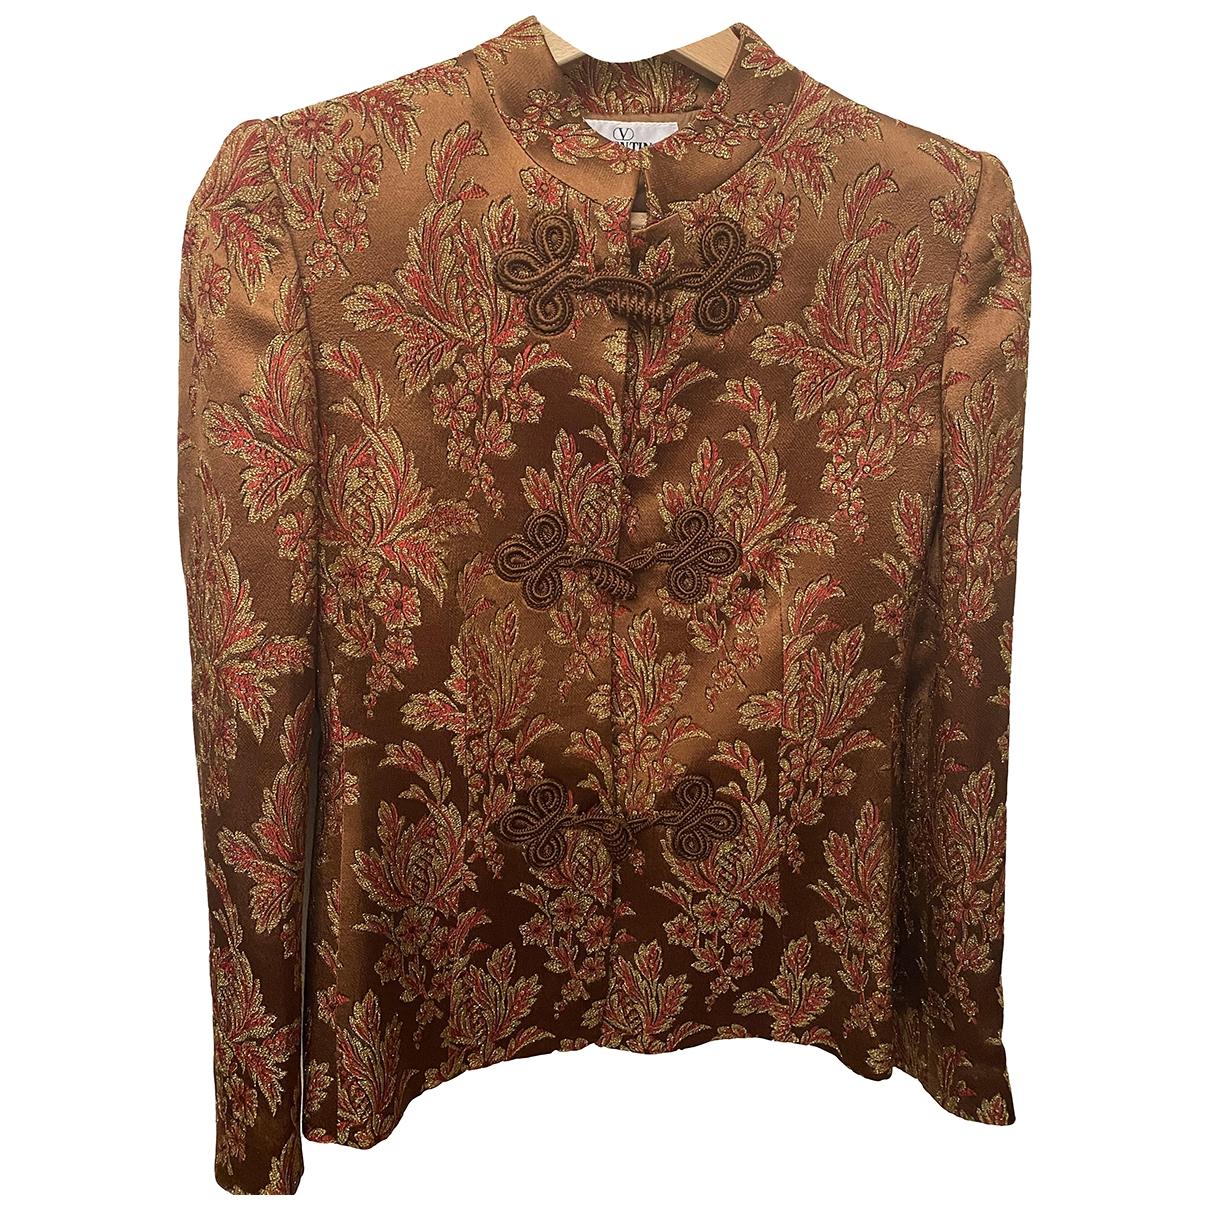 Valentino Garavani \N Brown jacket for Women 38 IT